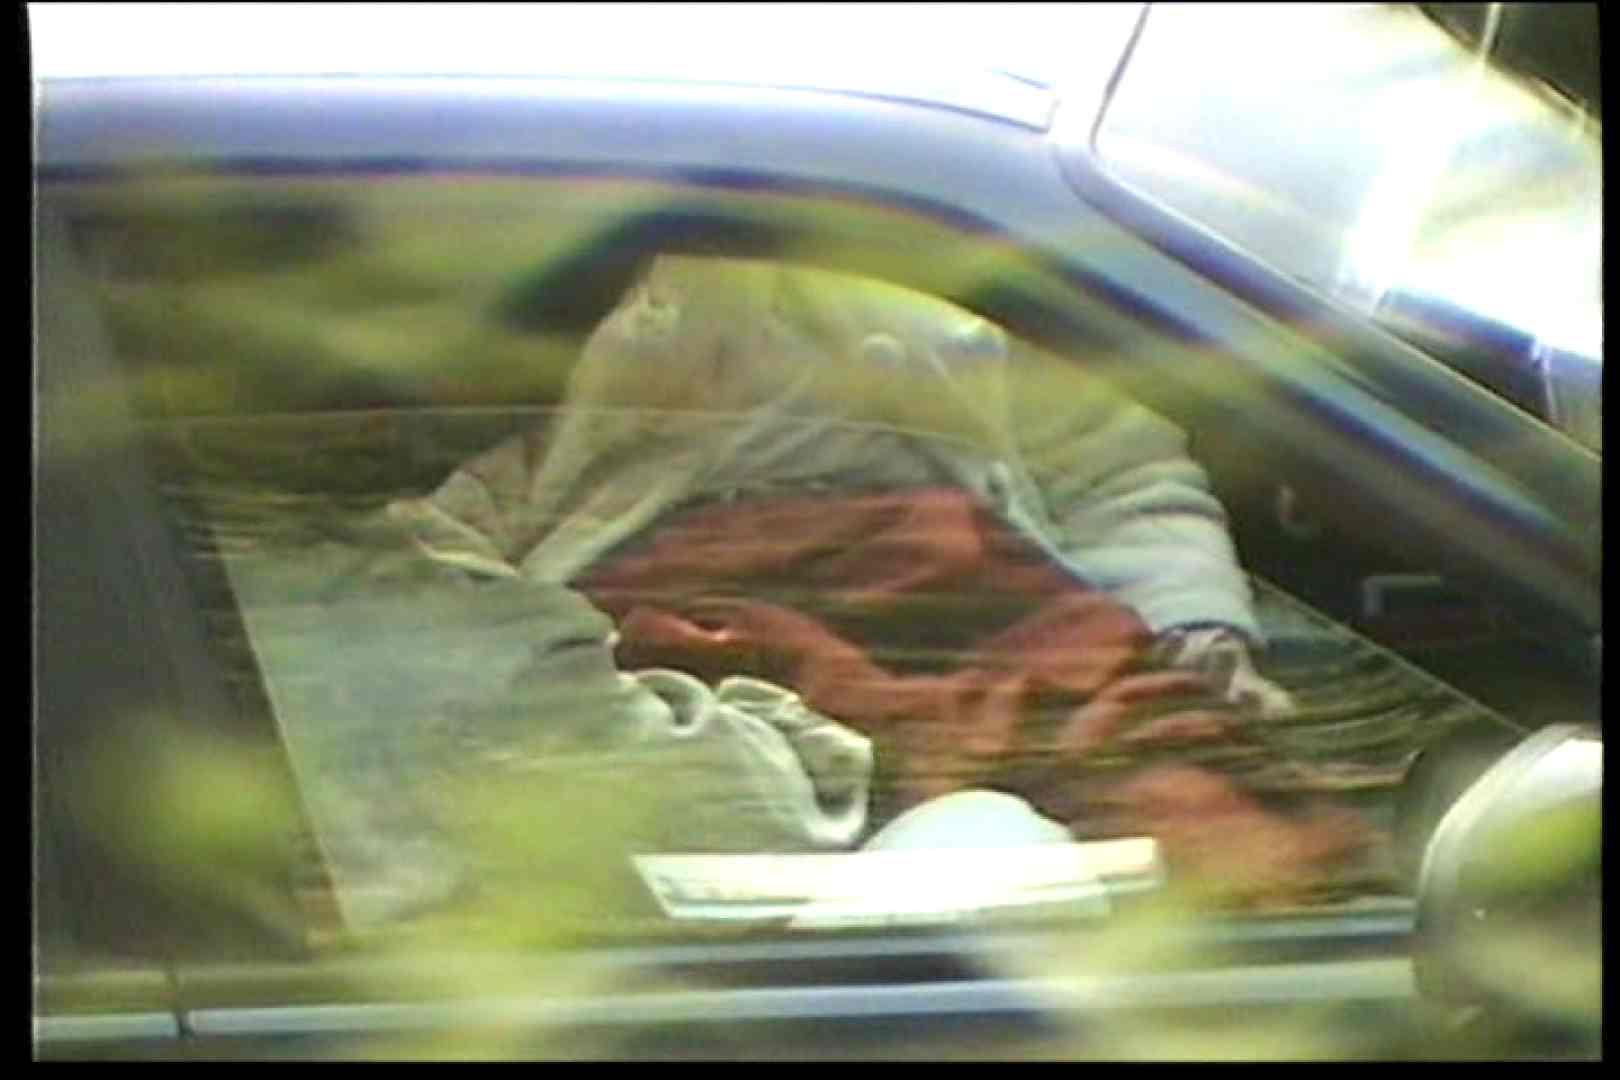 車の中はラブホテル 無修正版  Vol.12 赤外線 オメコ動画キャプチャ 109連発 37